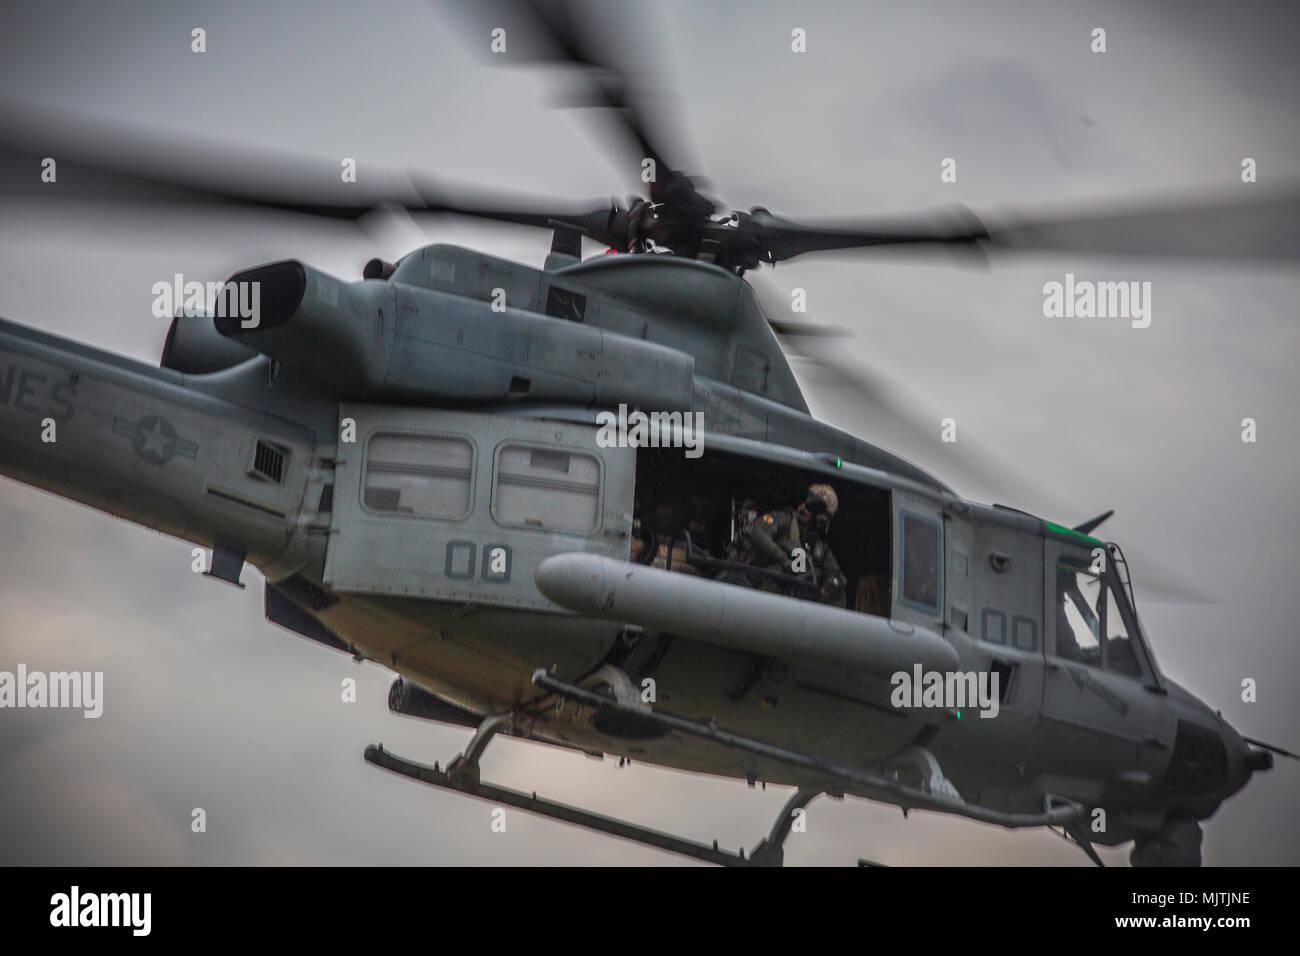 """Lt. Gen. di Brian D. Beaudreault, vice comandante dei piani e delle politiche e delle operazioni, parla a UH-1Y Venom equipaggio a Camp Foster, Okinawa, in Giappone, Dicembre 15, 2017. Luce subacquea attacco squadrone elicottero 369 fornito Beaudreault un volo intorno alla Prefettura di Okinawa per valutare la qualità del servizio del Marine Corps chowhalls. Il """"gunfighters'"""" disponibilità ad agire su di un momento di preavviso è cruciale per il mantenimento di una più forte e più capace di avanzamento forza dispiegata nella Indo-Asia-regione del Pacifico. HMLA-369, Marine Aircraft Group 39, terzo aeromobile marino ala, è attualmente implementato in avanti sotto la u Foto Stock"""